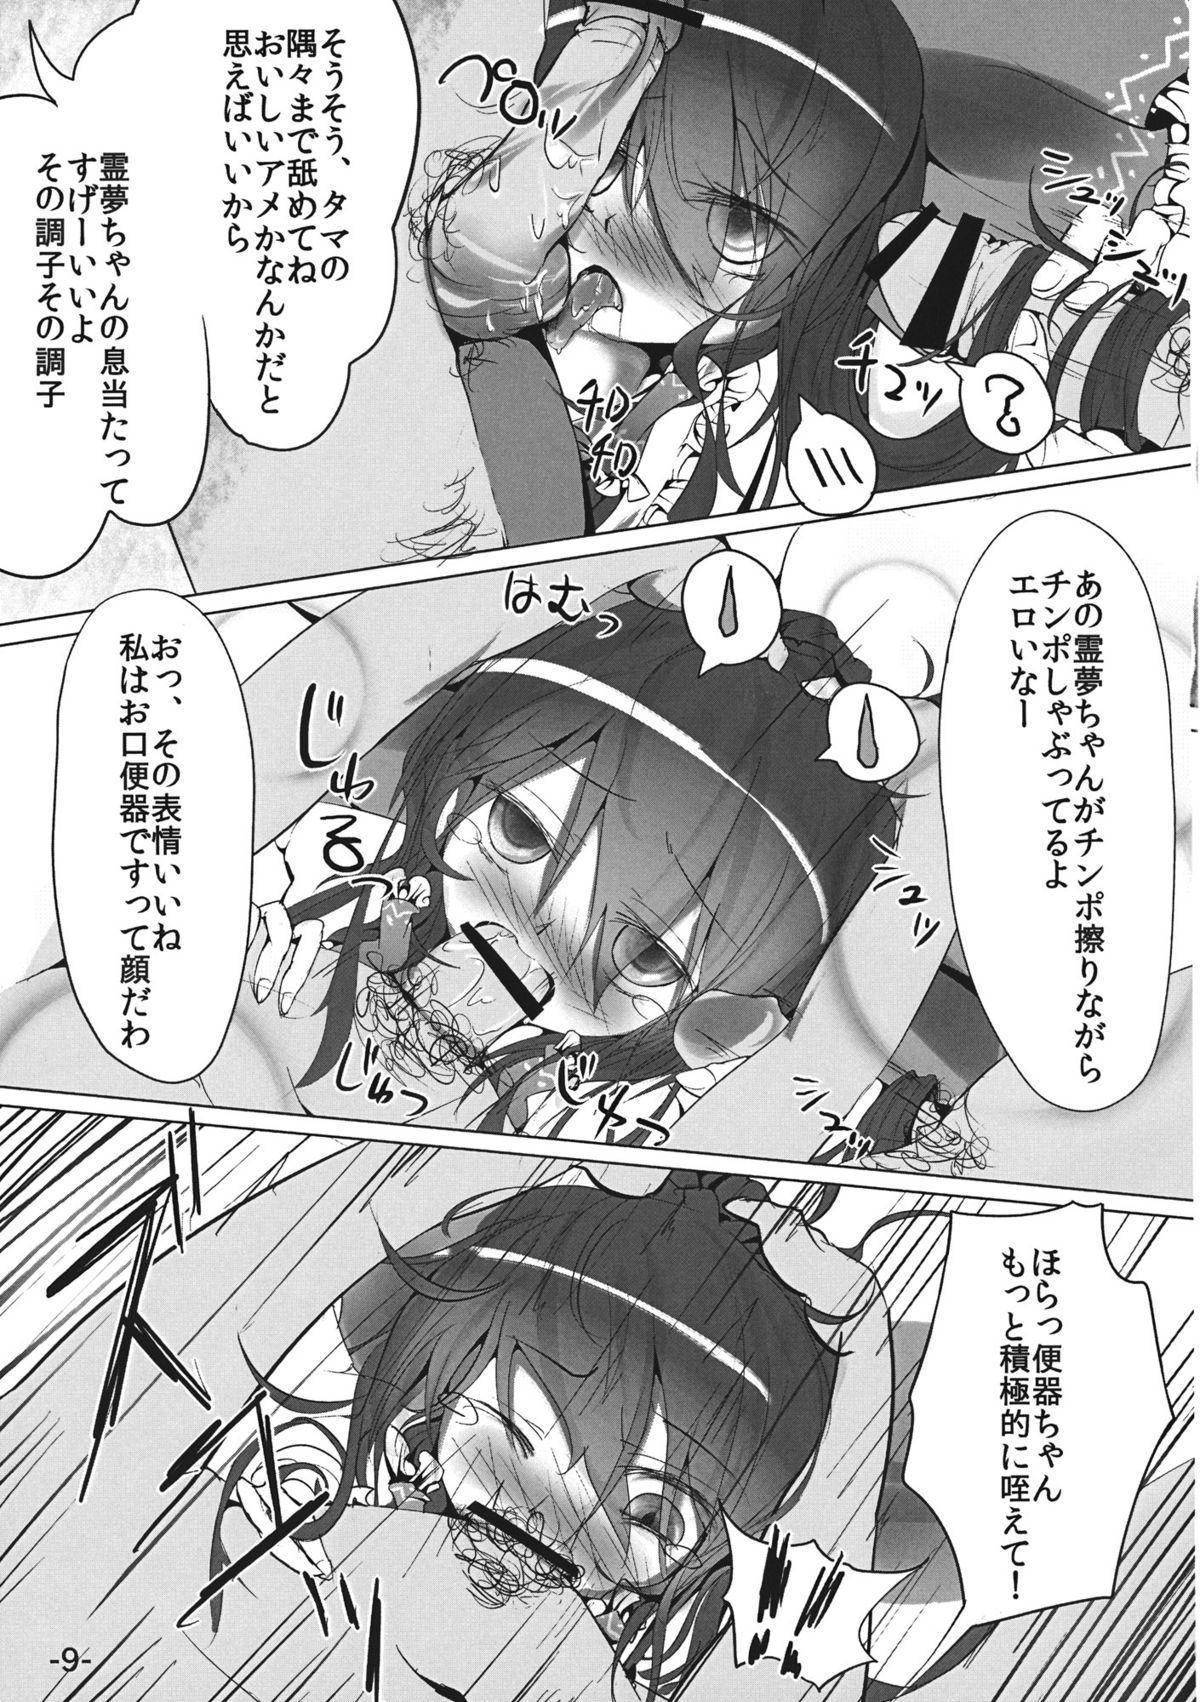 Sashiosae Reimu 8